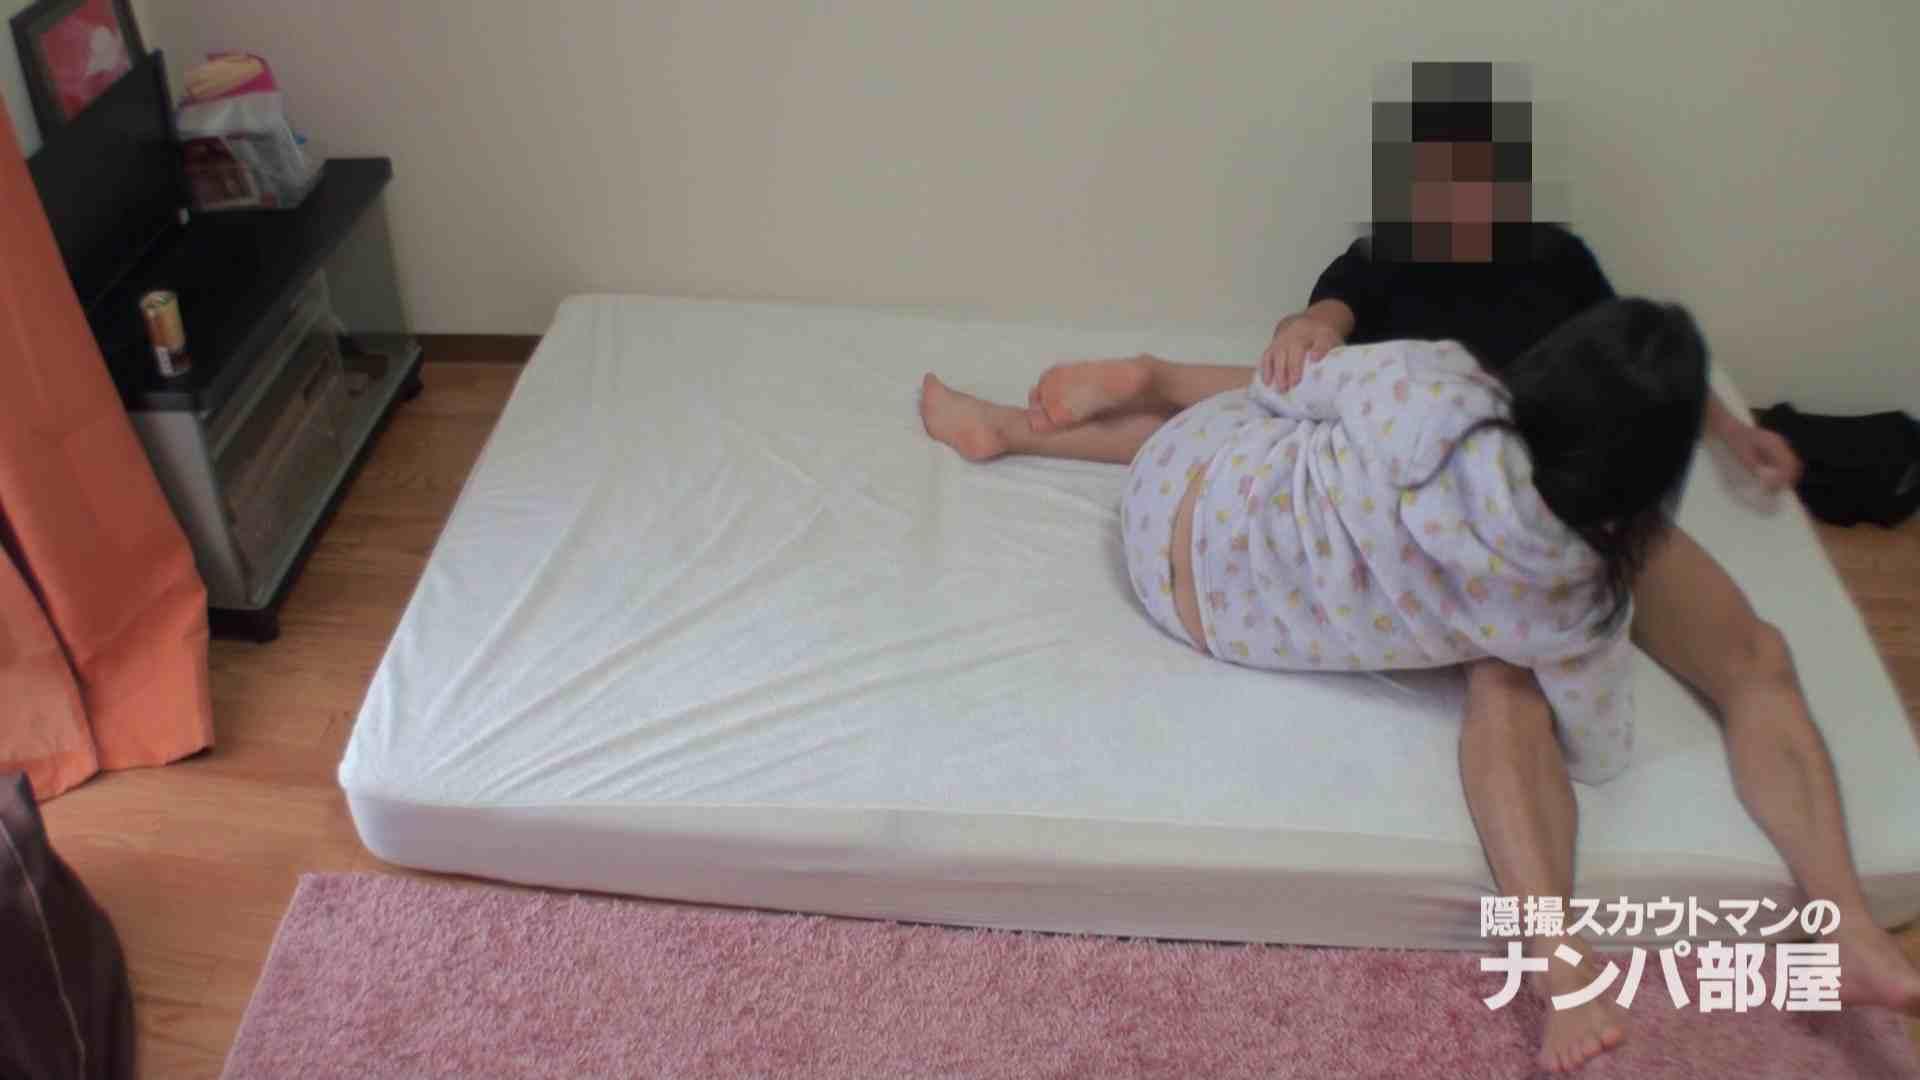 隠撮スカウトマンのナンパ部屋~風俗デビュー前のつまみ食い~hanavol.3 脱衣所 オメコ無修正動画無料 65PIX 48